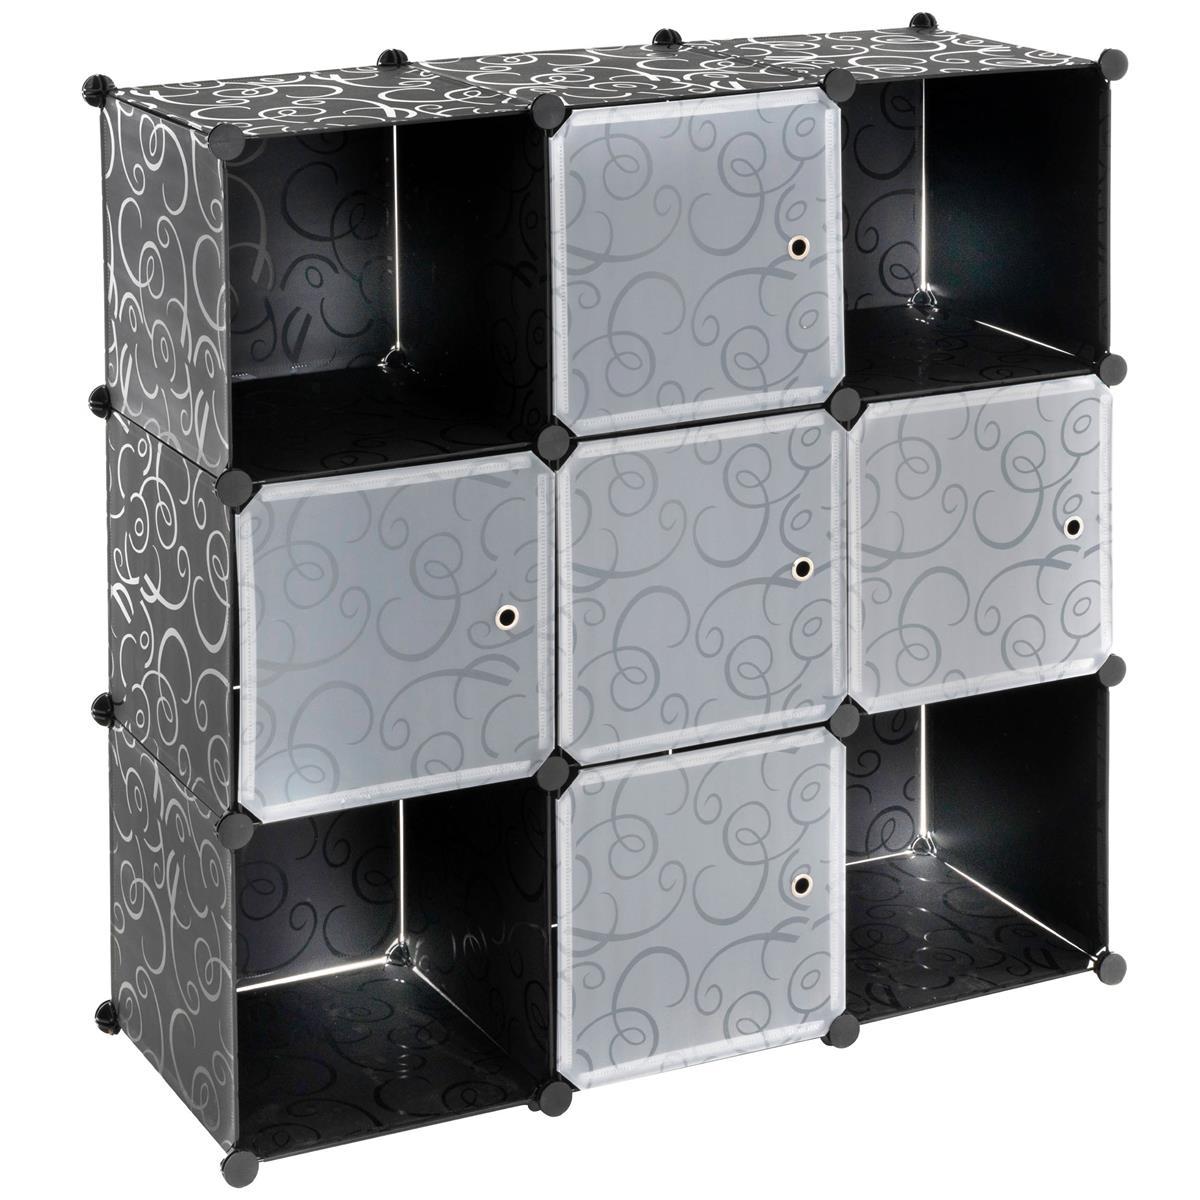 Steckregalsystem schwarz 108x110x37cm mit Ablagefächern Türen DIY erweiterbar